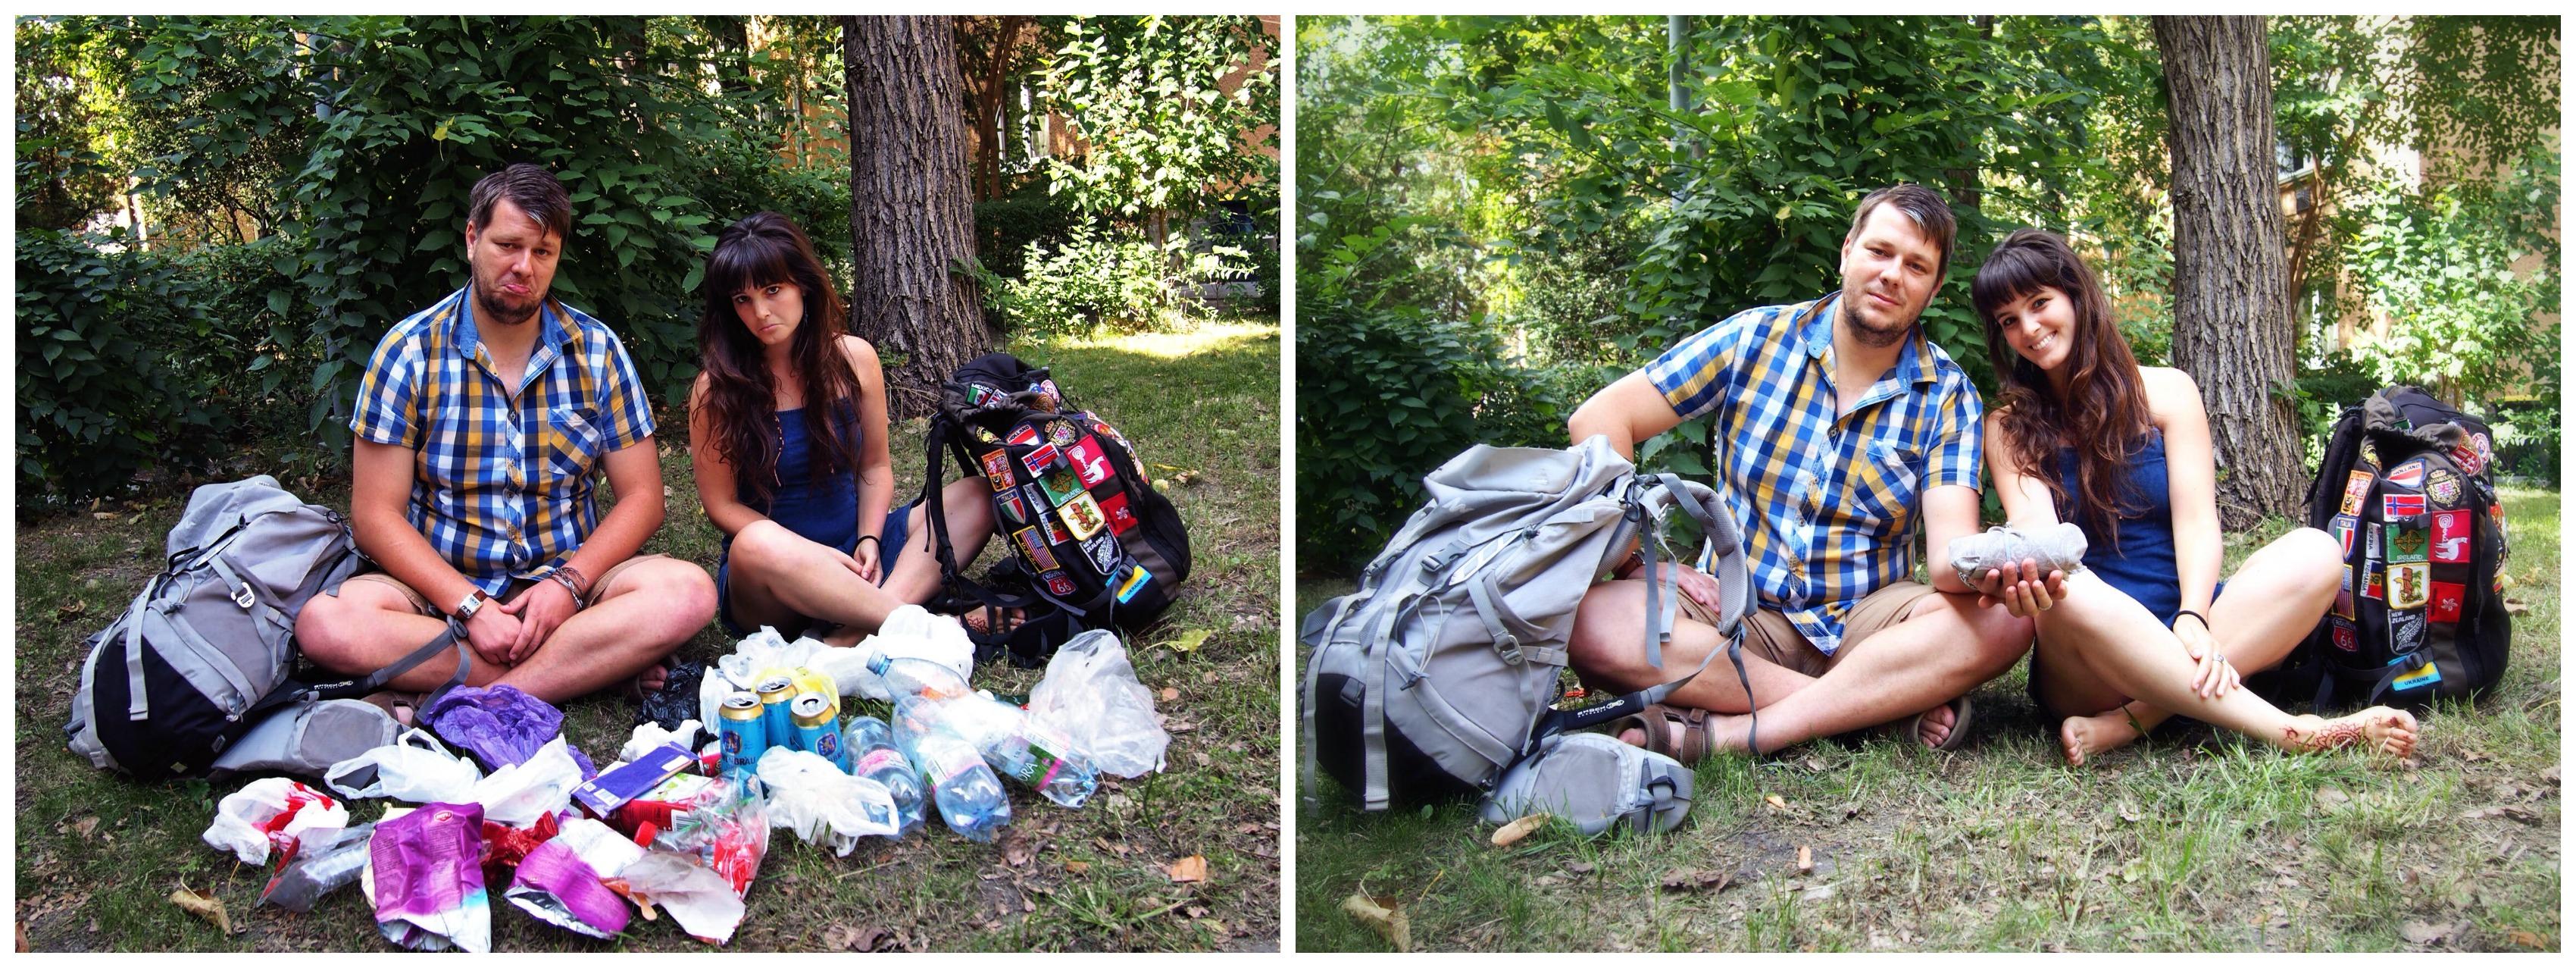 hulladékmentes utazás